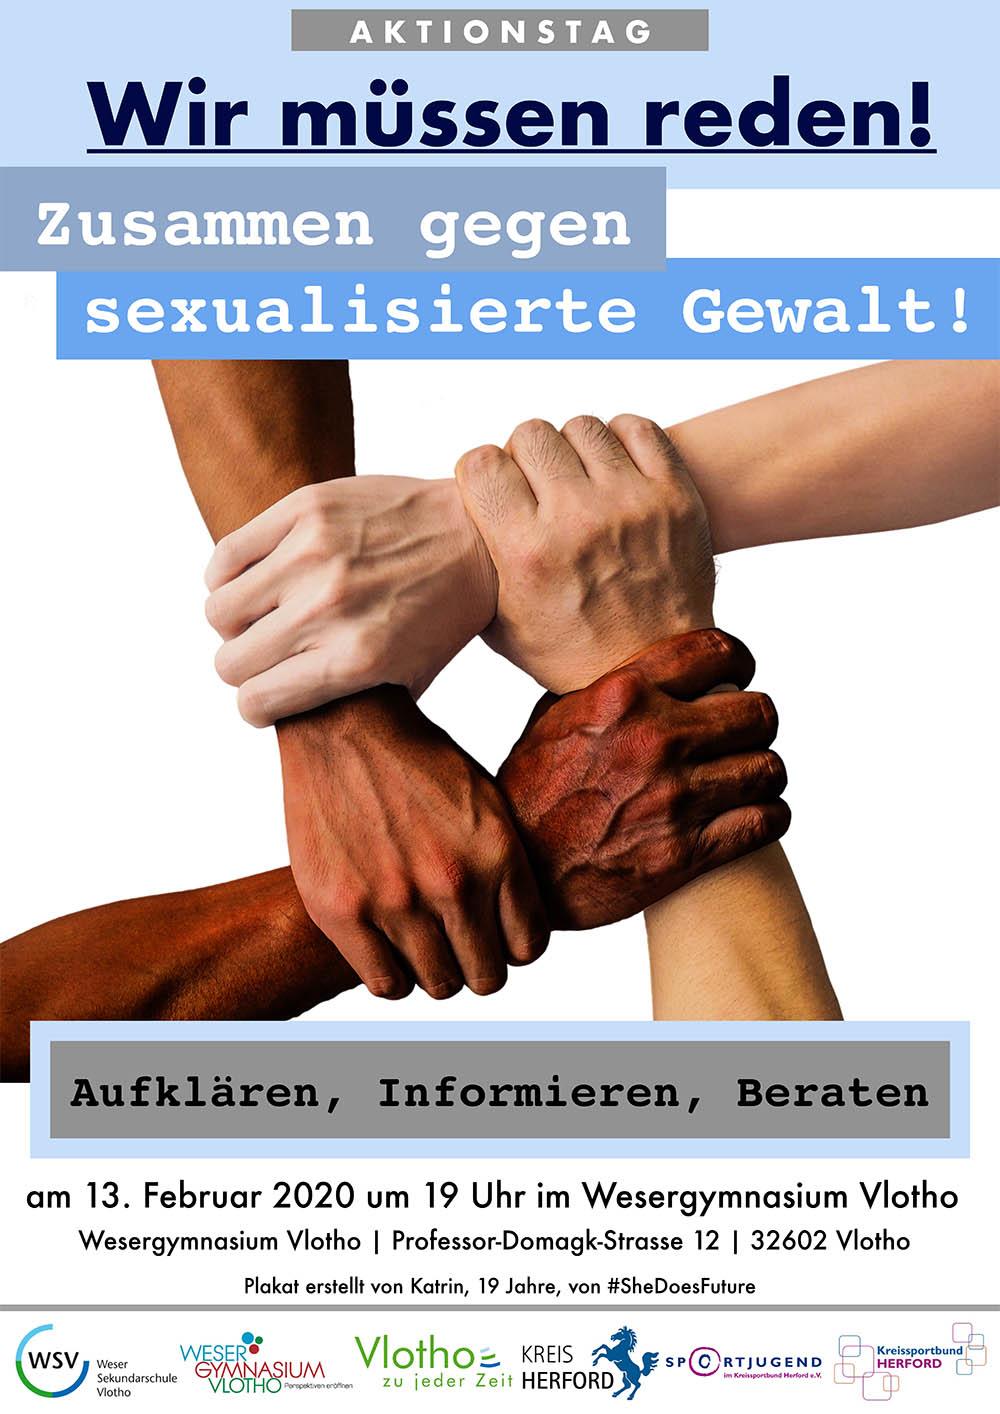 Die Stadt Vlotho, der Kreis Herford und die Sportjugend im Kreissportbund laden ein zum Aktionstag gegen sexualisierte Gewalt am Donnerstag, den 13. Februar 2020 ab 19 Uhr in die Aula des Weser-Gymnasiums Vlotho.